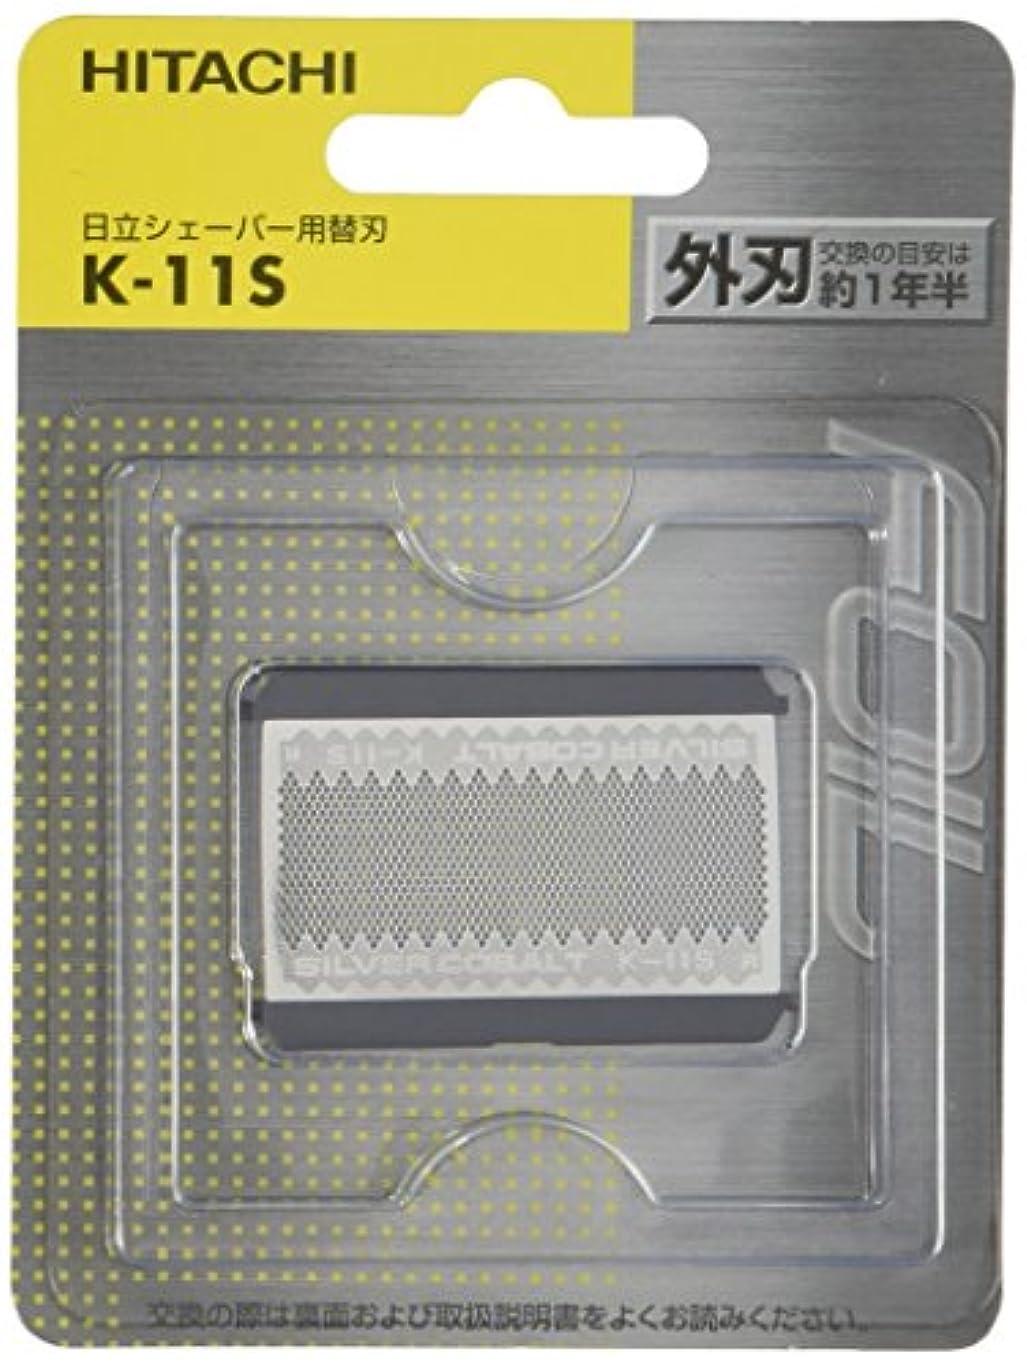 マートり背骨日立 替刃 外刃 K-11S